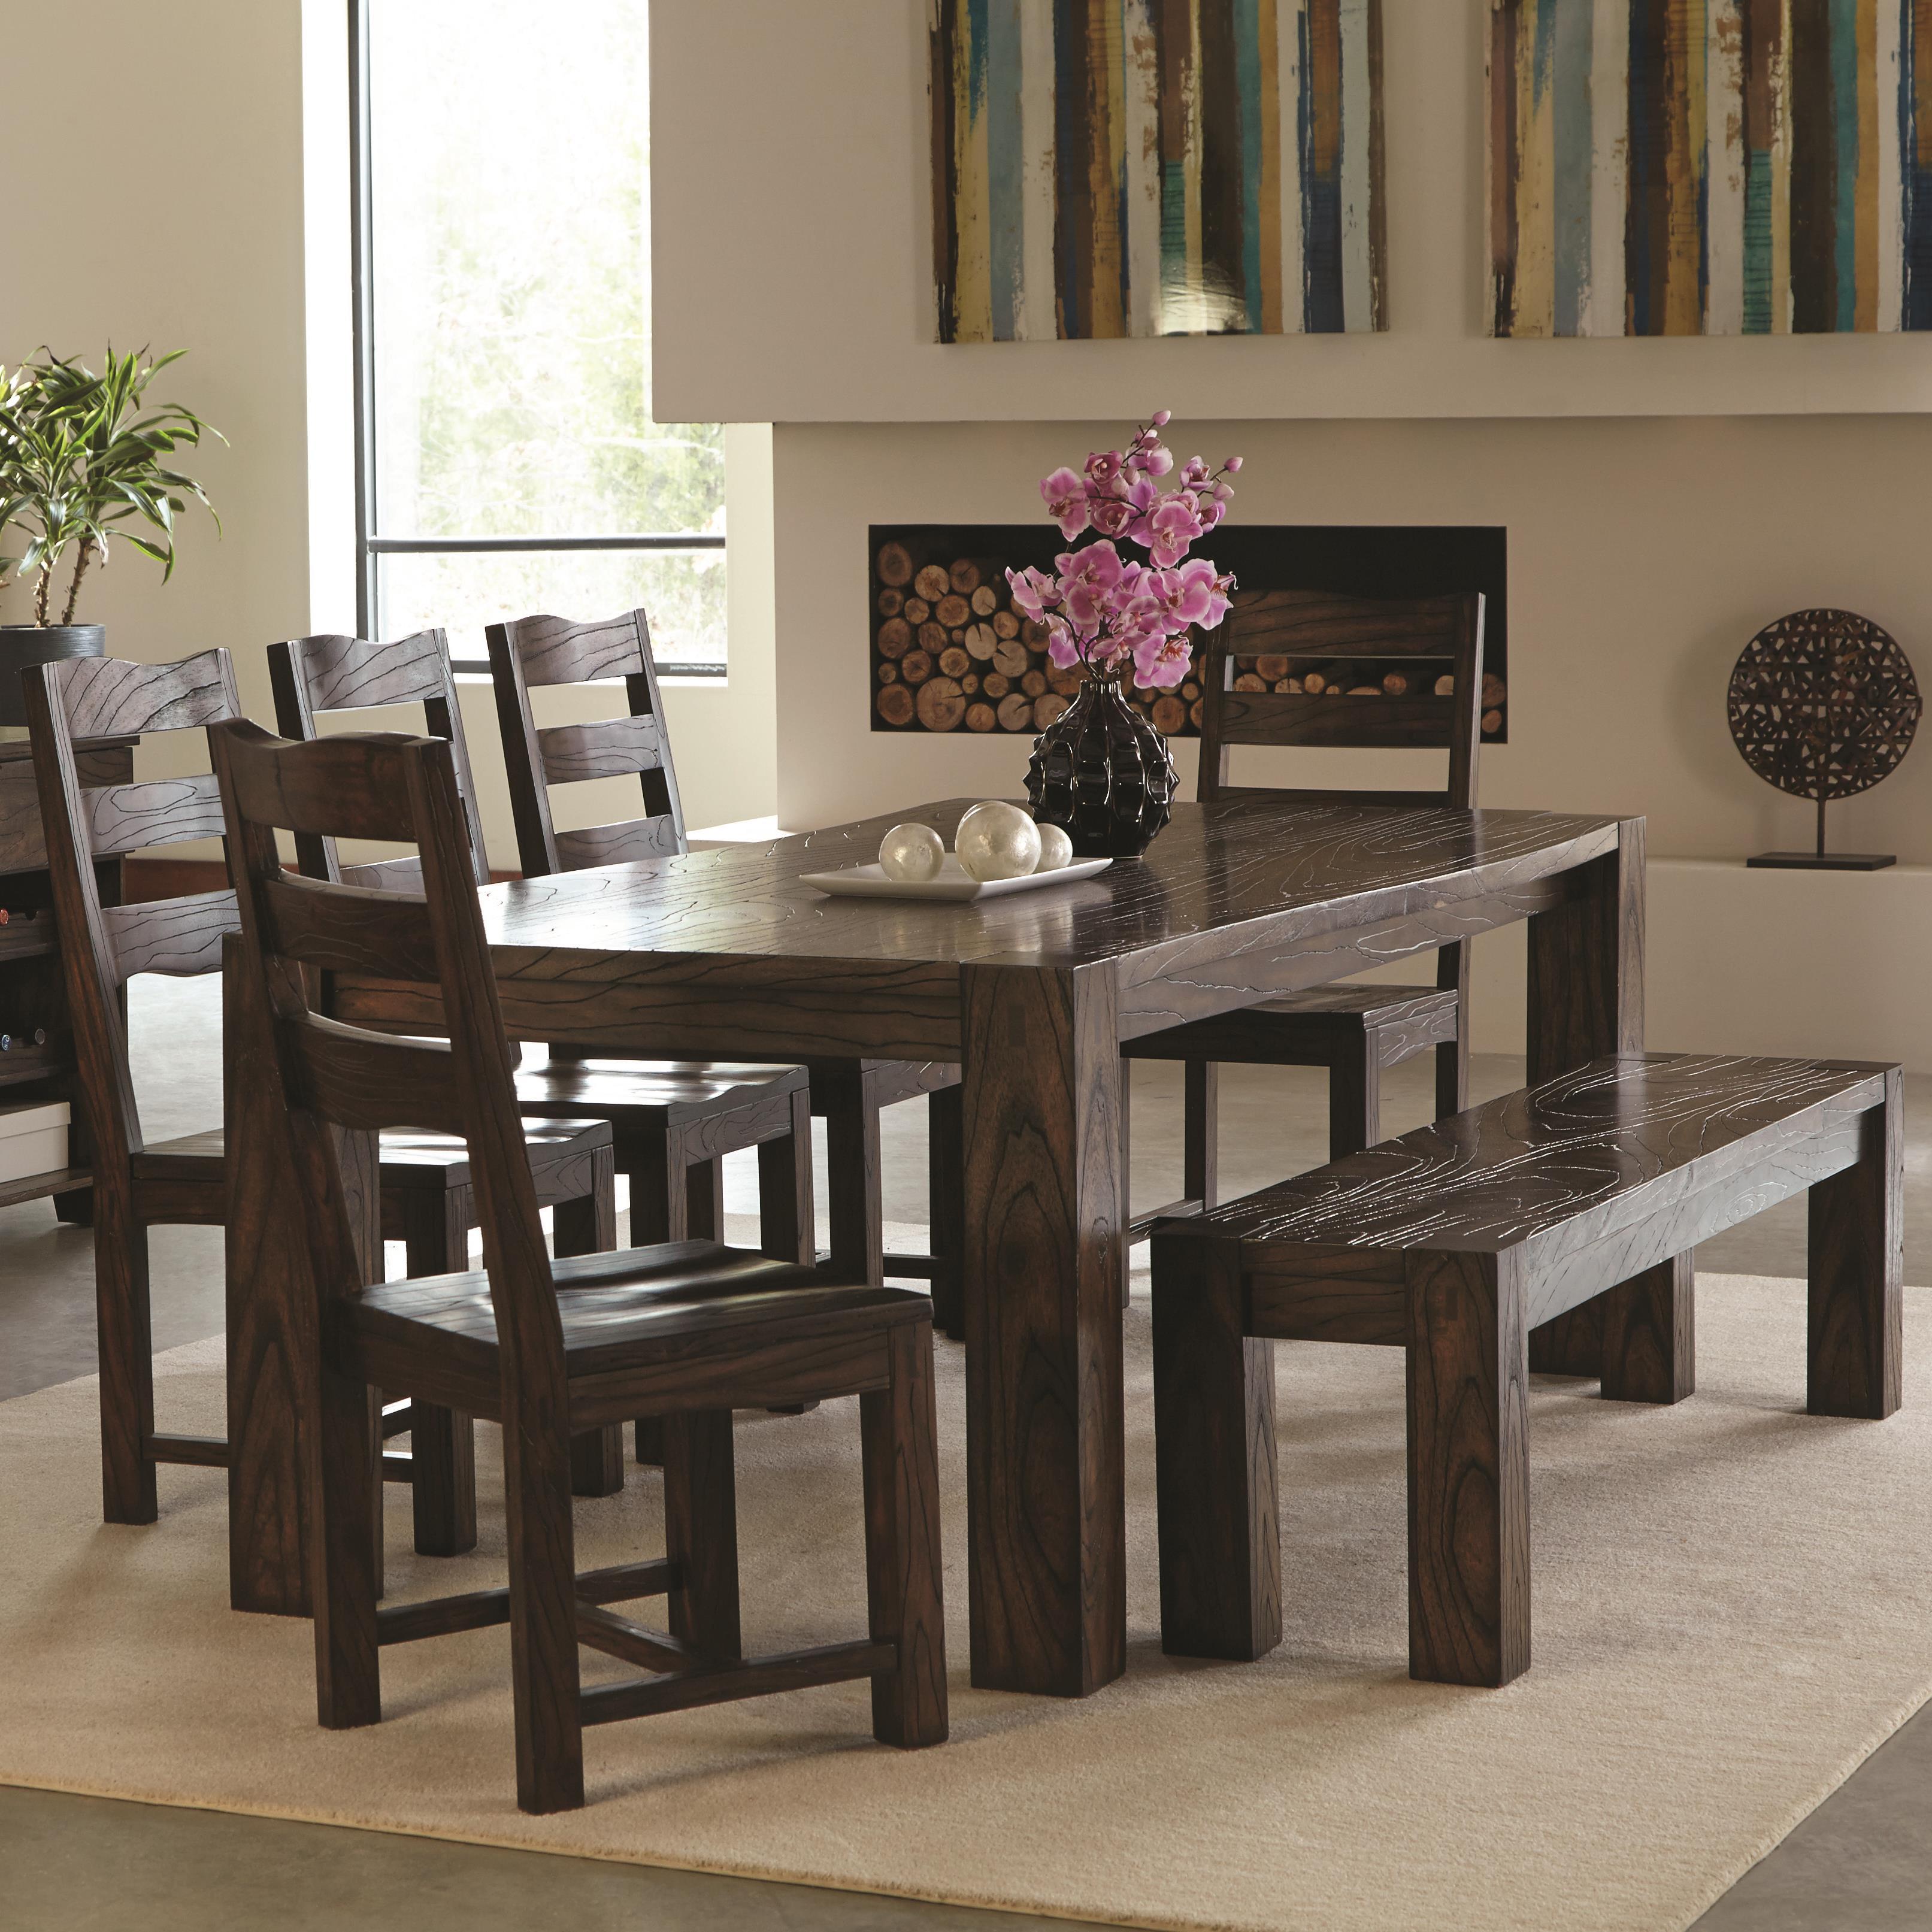 Coaster Calabasas 7 Piece Table & Chair Set - Item Number: 121151+5x121152+121153